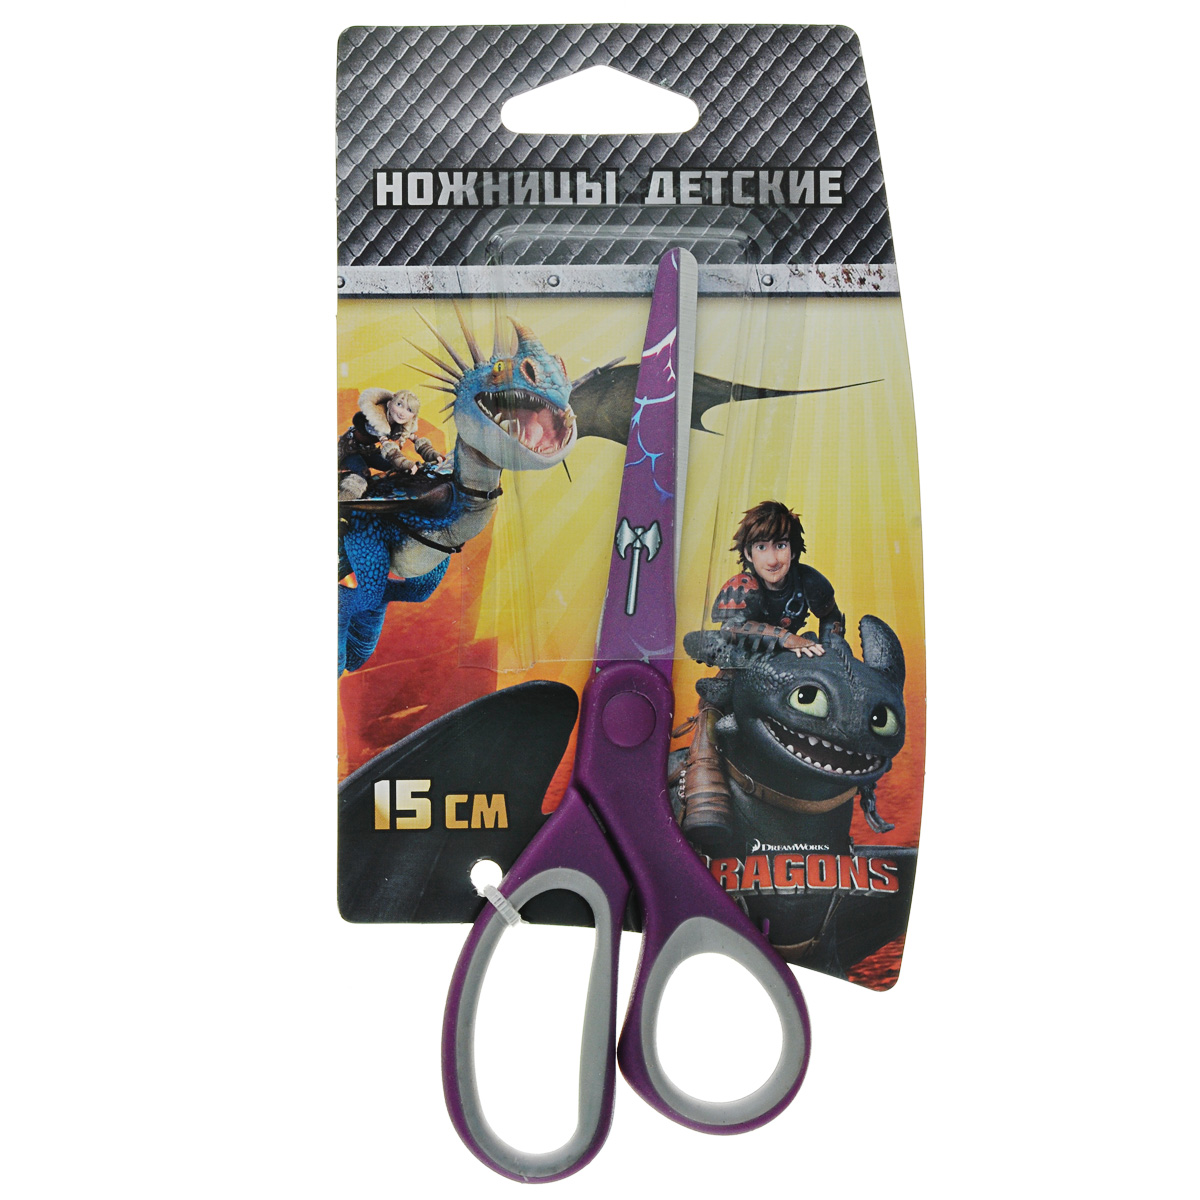 Ножницы детские Action Dragons, цвет: фиолетовый, 15 смFS-00897Детские ножницы Action Dragons с безопасными закругленными лезвиями изготовлены из высококачественной нержавеющей стали. Лезвия с наружной стороны оформлены декоративным рисунком. Облегченные ручки ножниц адаптированы для детской руки.Вашему ребенку будет настоящим удовольствием делать с ножницами Action Dragons различные аппликации из бумаги или других материалов.